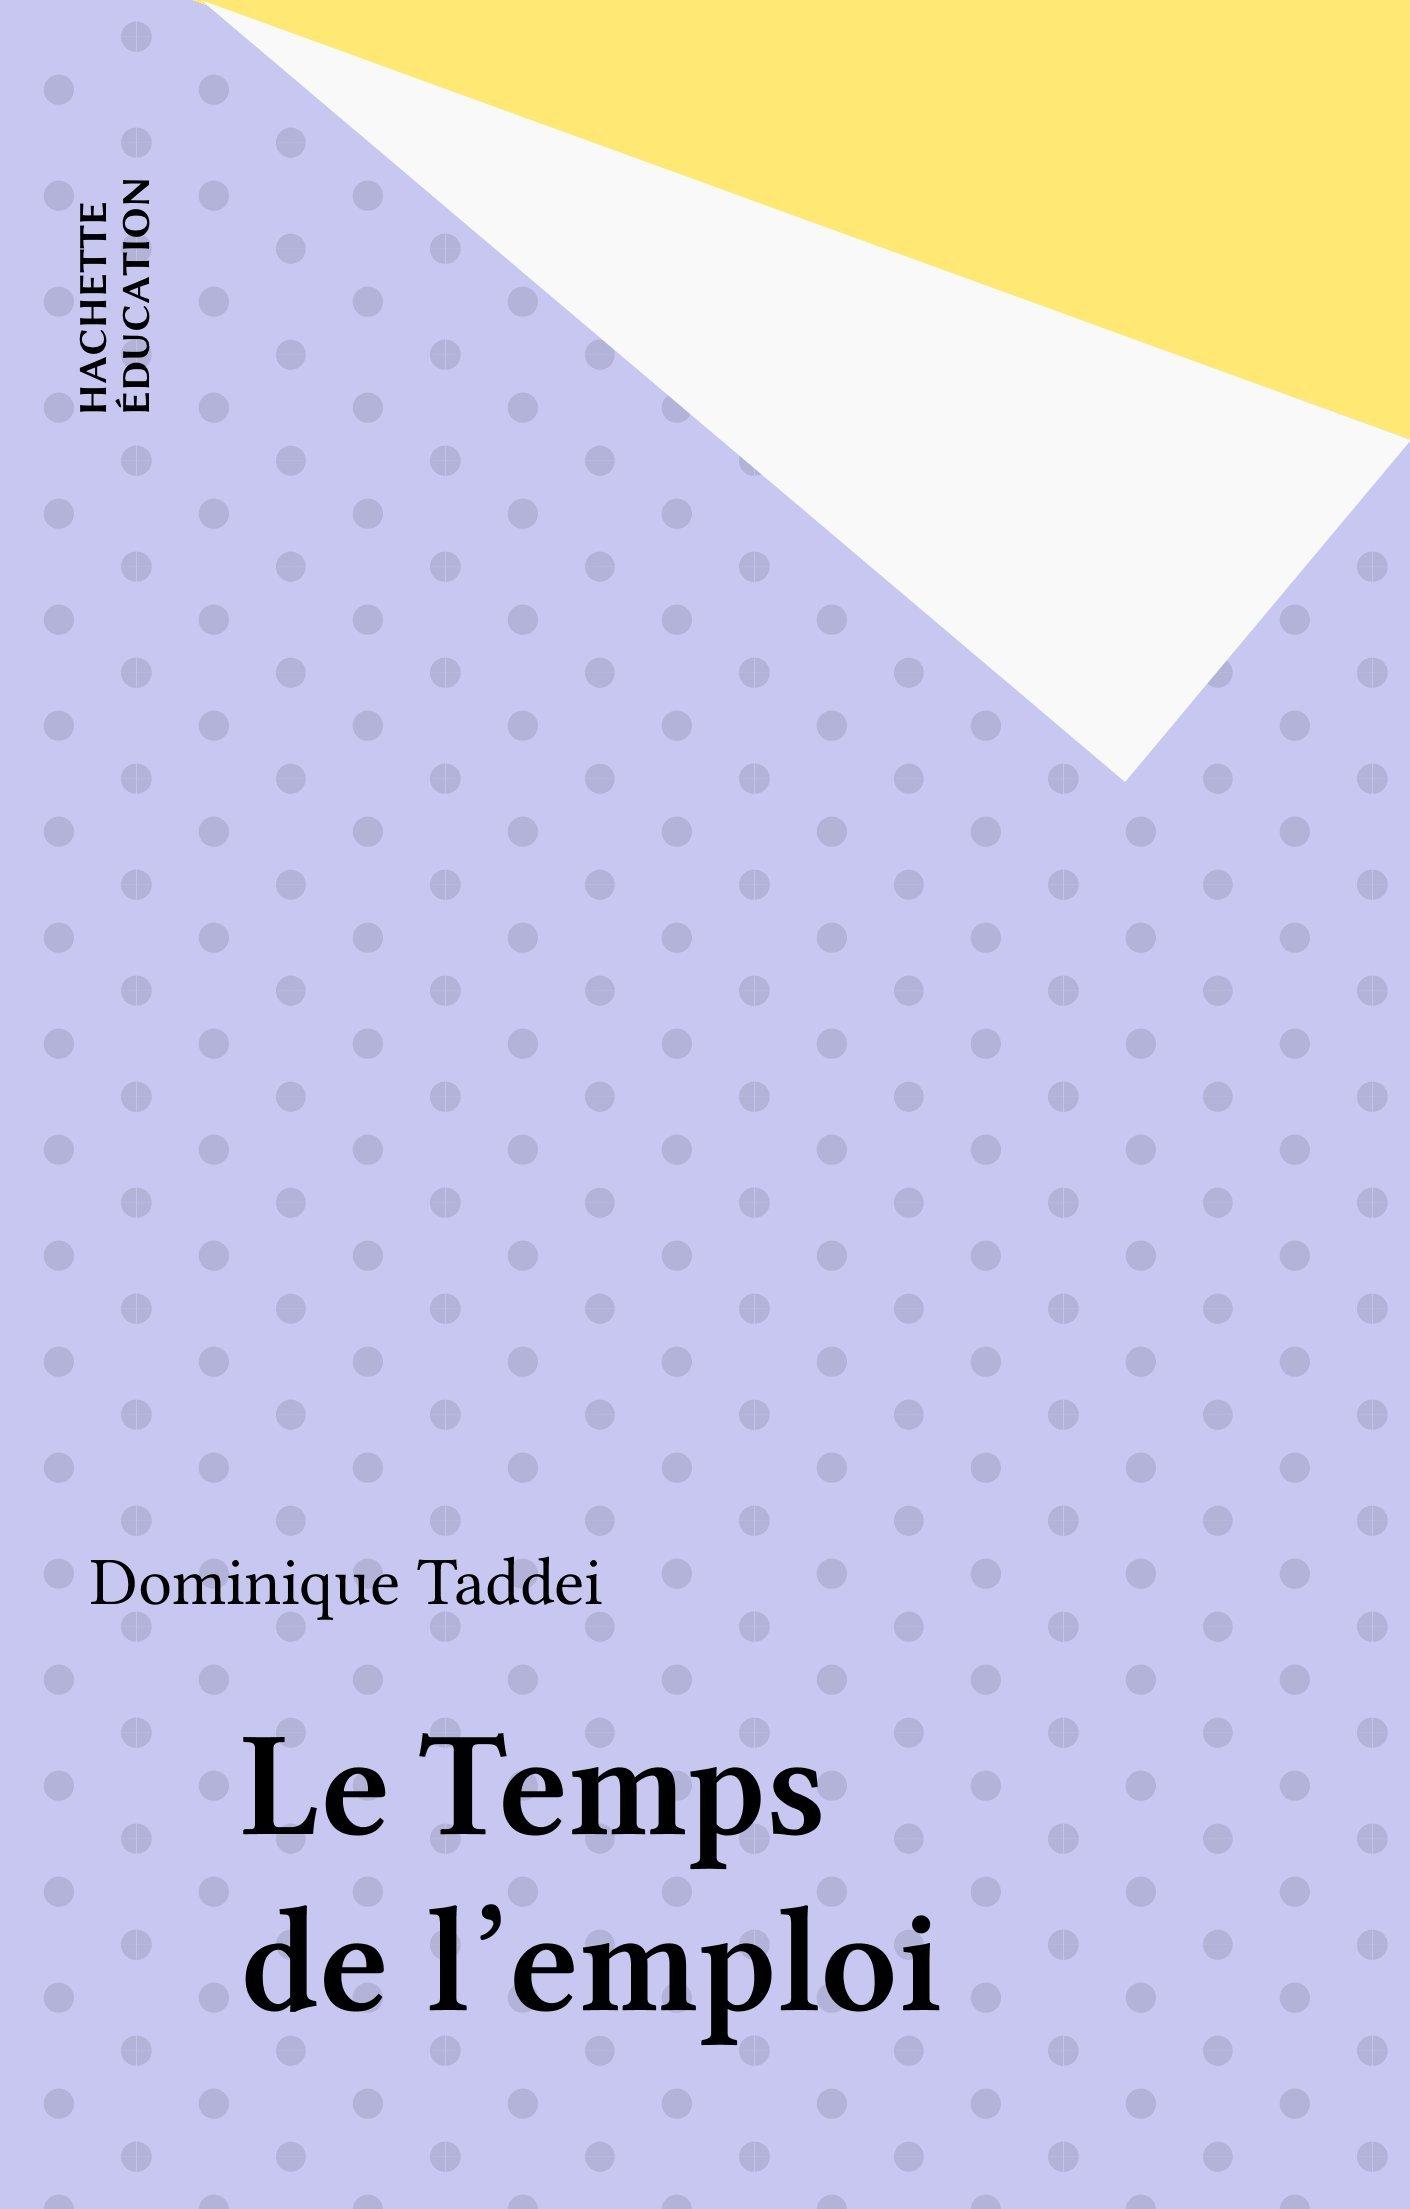 Le Temps de l'emploi (French Edition)